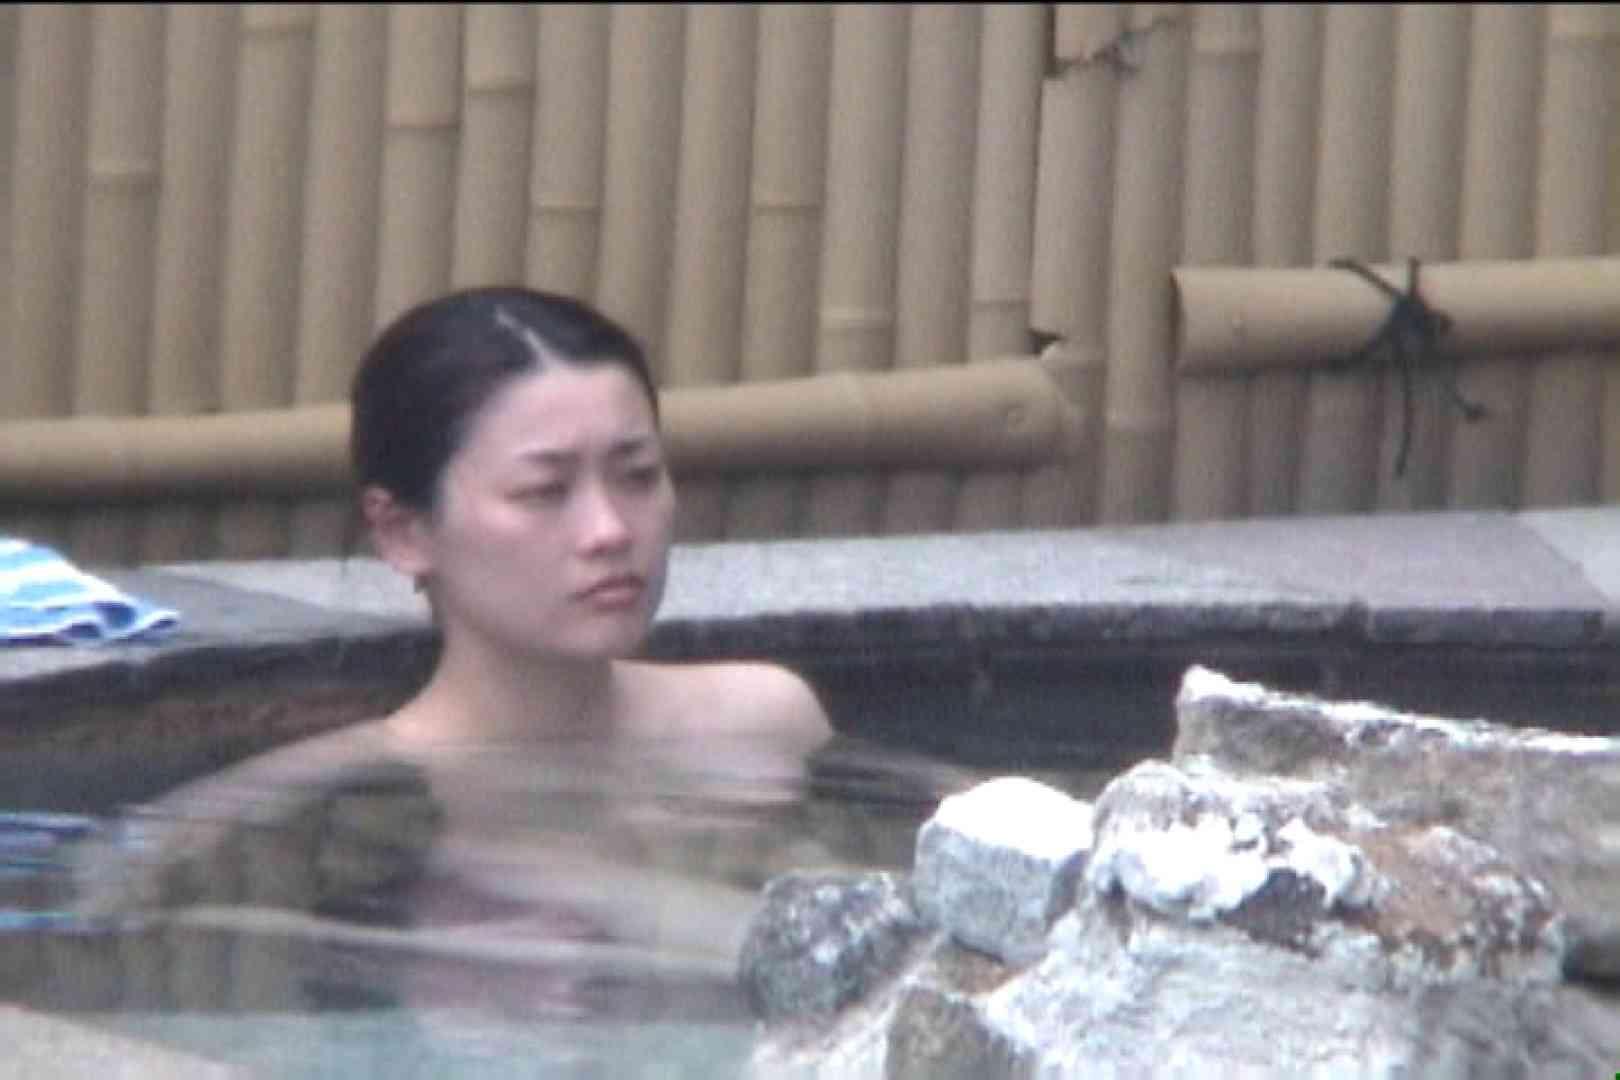 Aquaな露天風呂Vol.92【VIP限定】 盗撮  33連発 24